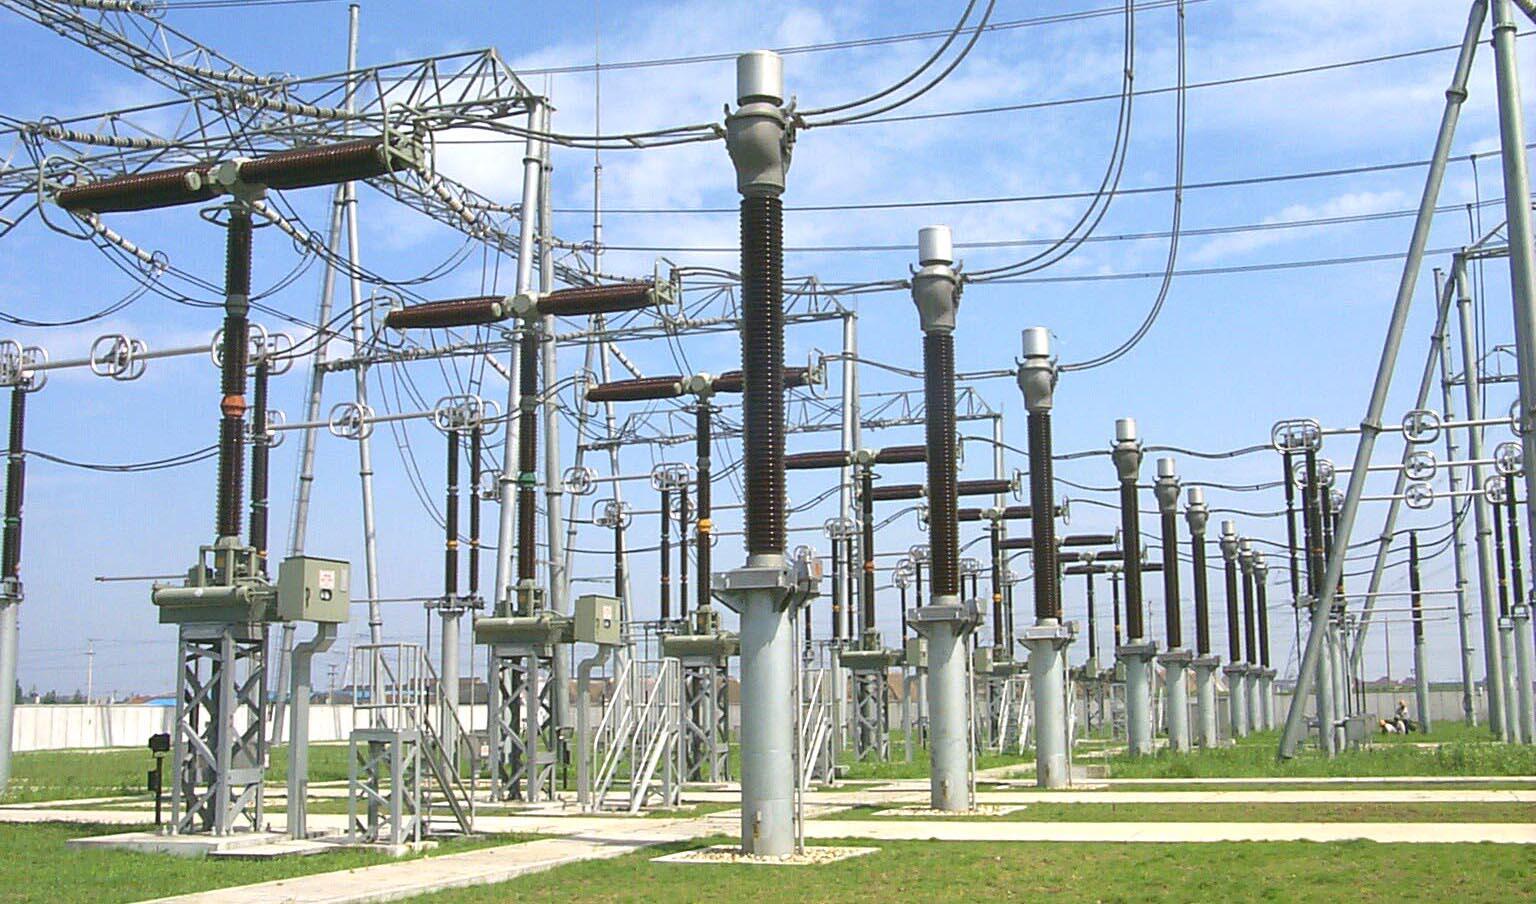 طرحهای ملی صنعت برق کشور با اعتبار ۱۳۴۵ میلیارد تومان فردا به بهرهبرداری میرسد